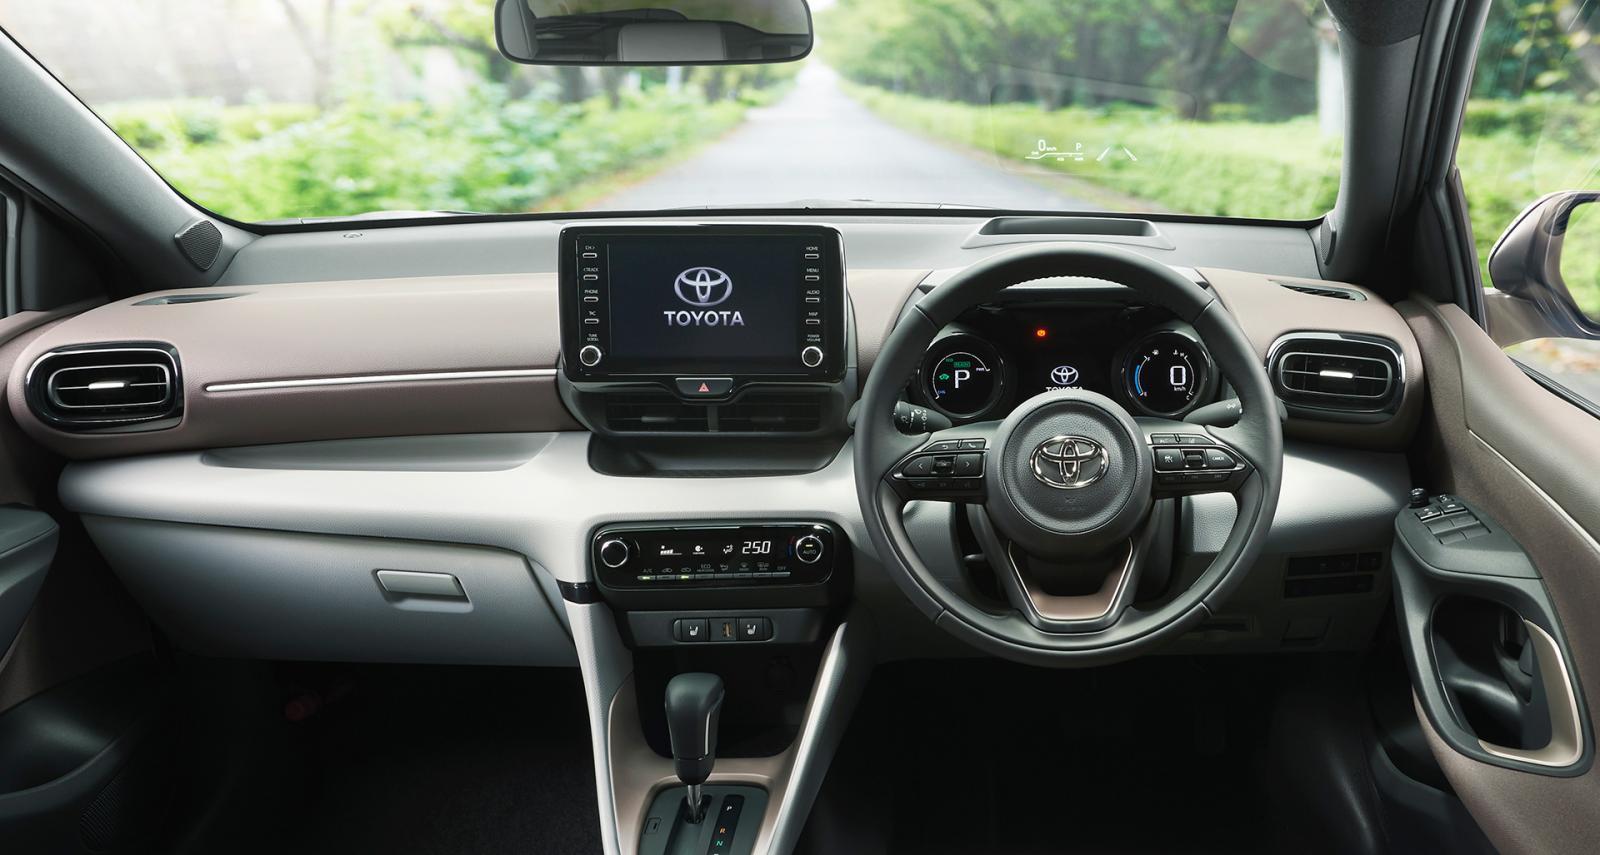 Toyota presentó el nuevo Yaris